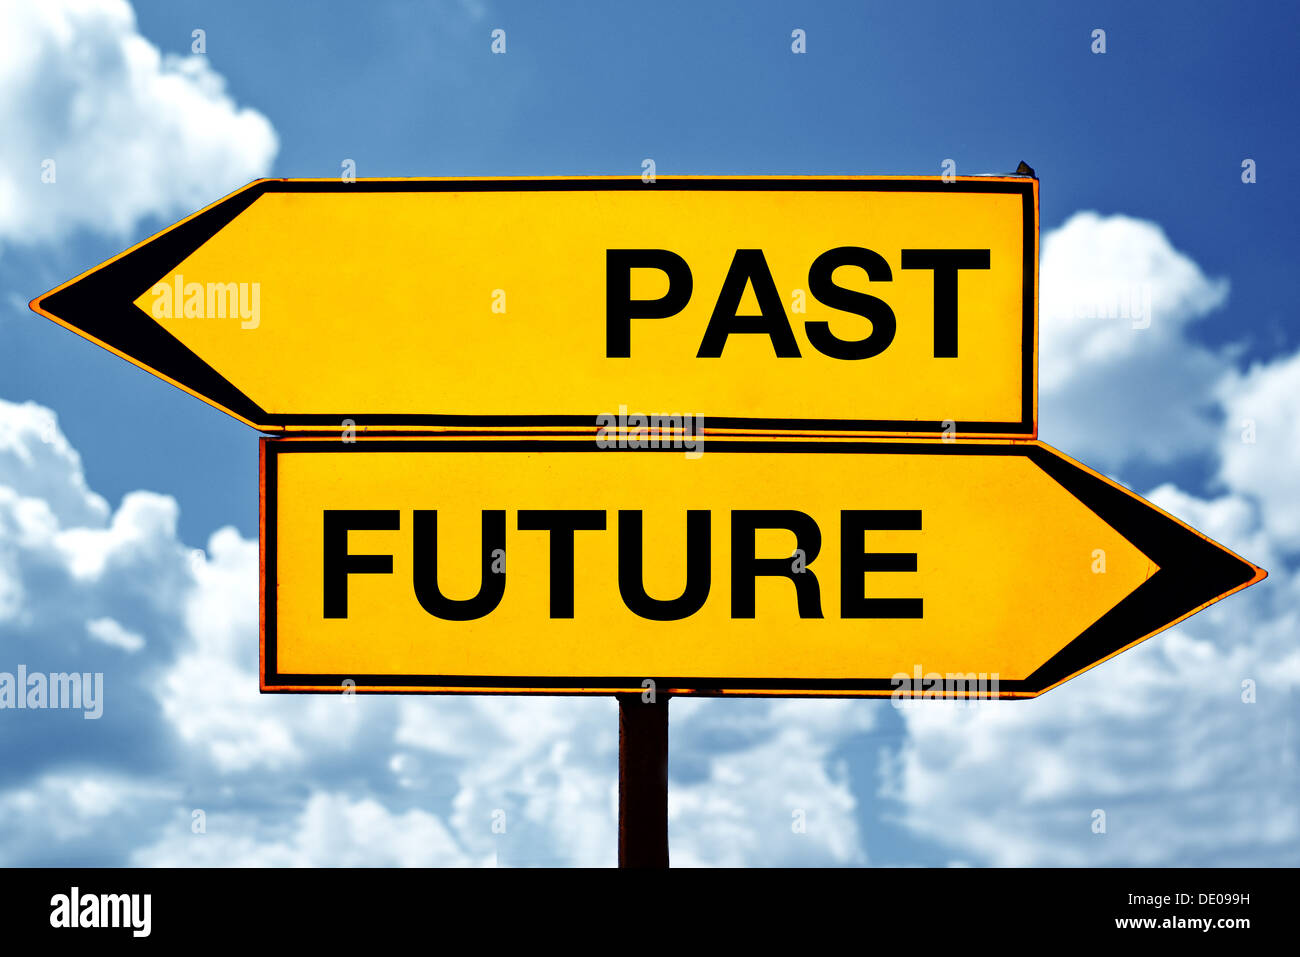 Pasado o futuro, de signos opuestos. Dos signos opuestos contra el cielo azul de fondo. Foto de stock